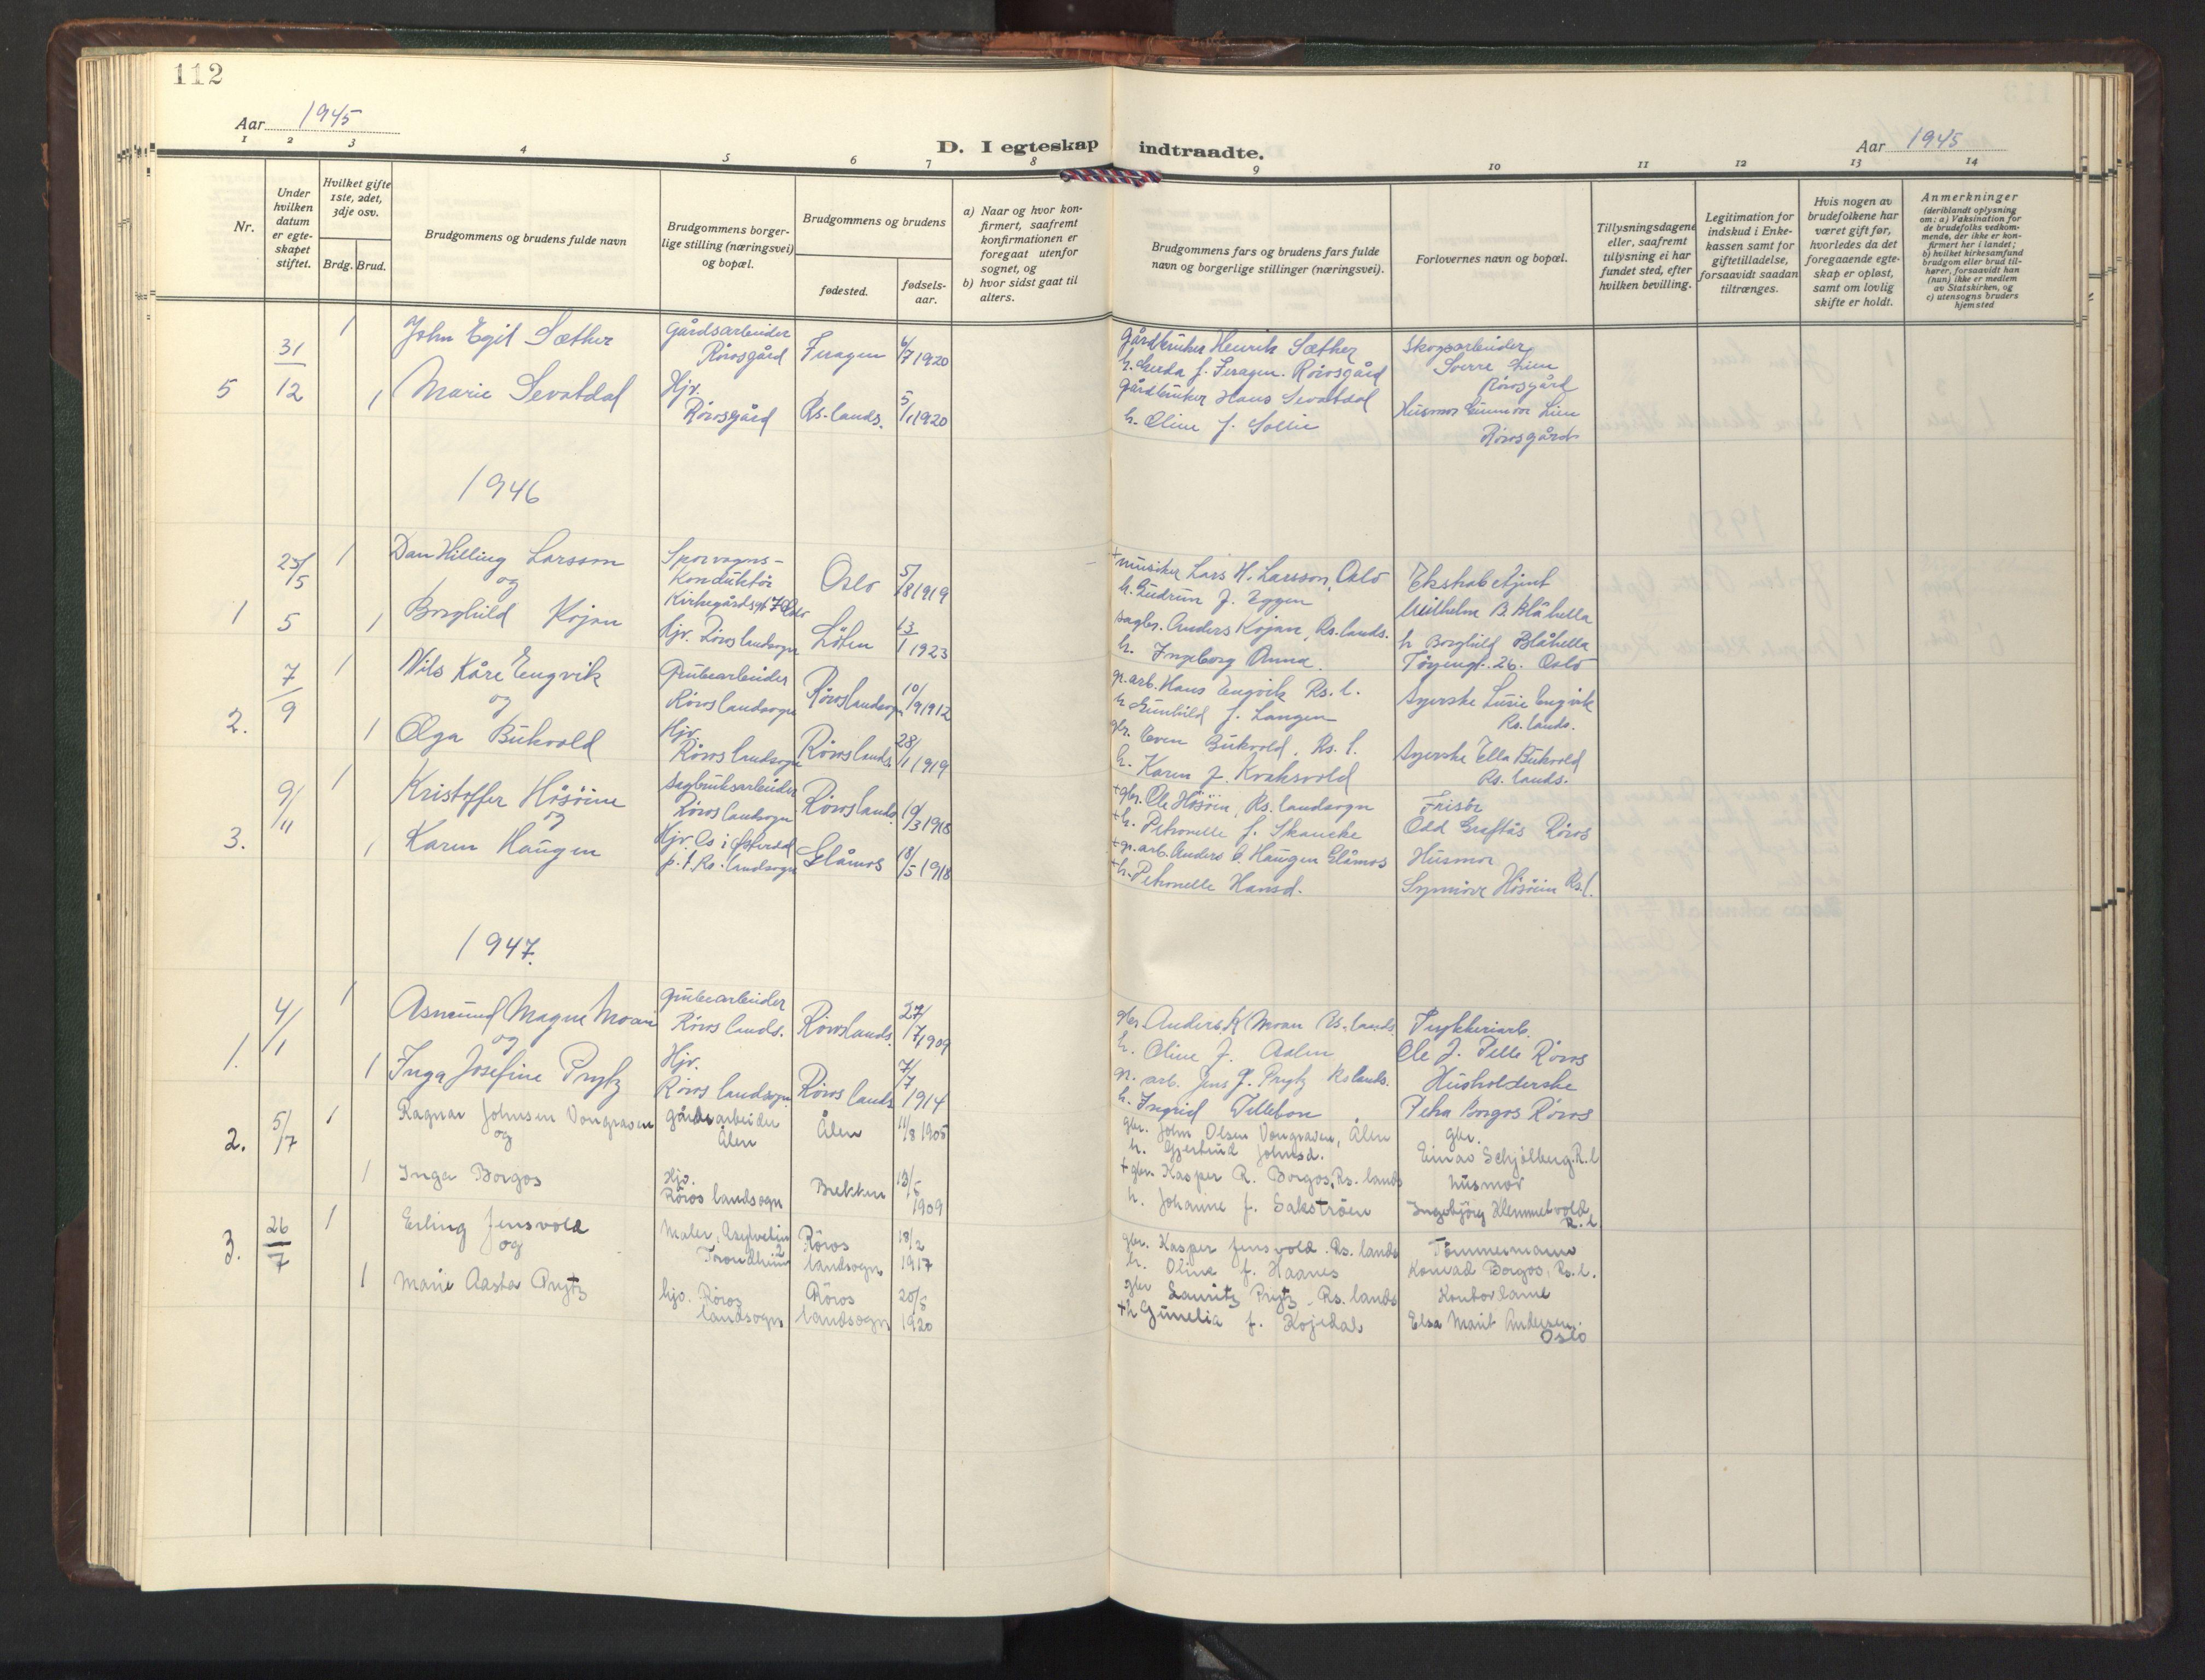 SAT, Ministerialprotokoller, klokkerbøker og fødselsregistre - Sør-Trøndelag, 681/L0944: Klokkerbok nr. 681C08, 1926-1954, s. 112